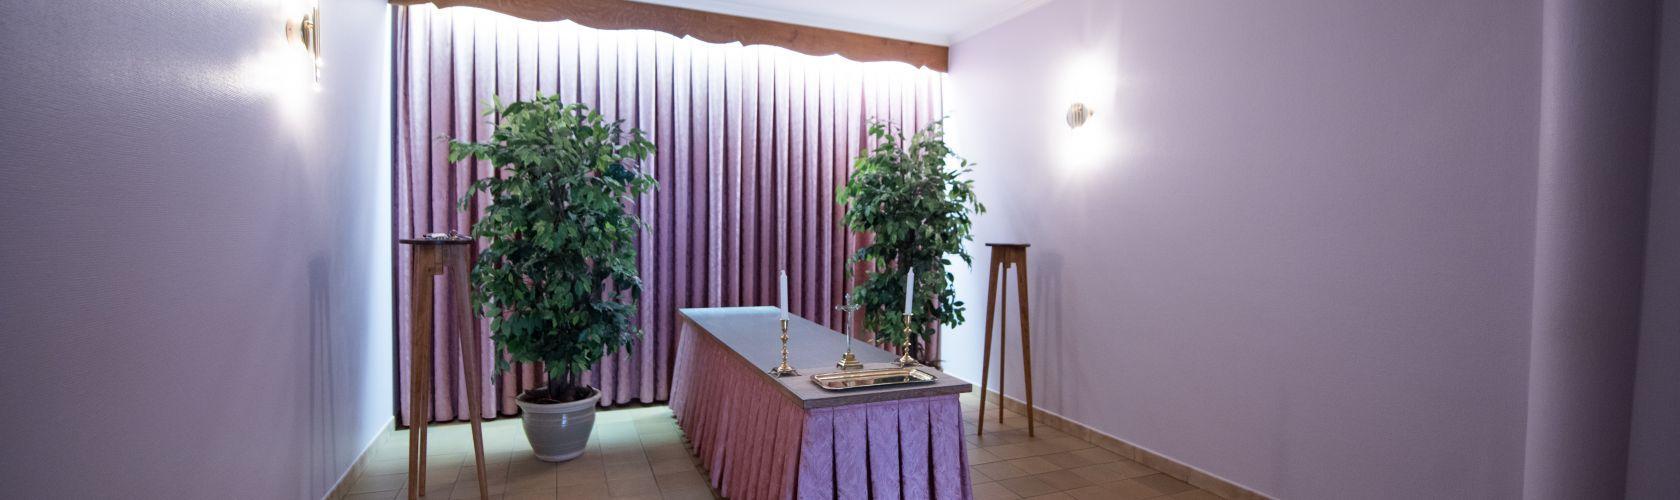 Salon funéraire du funérarium à Aubel